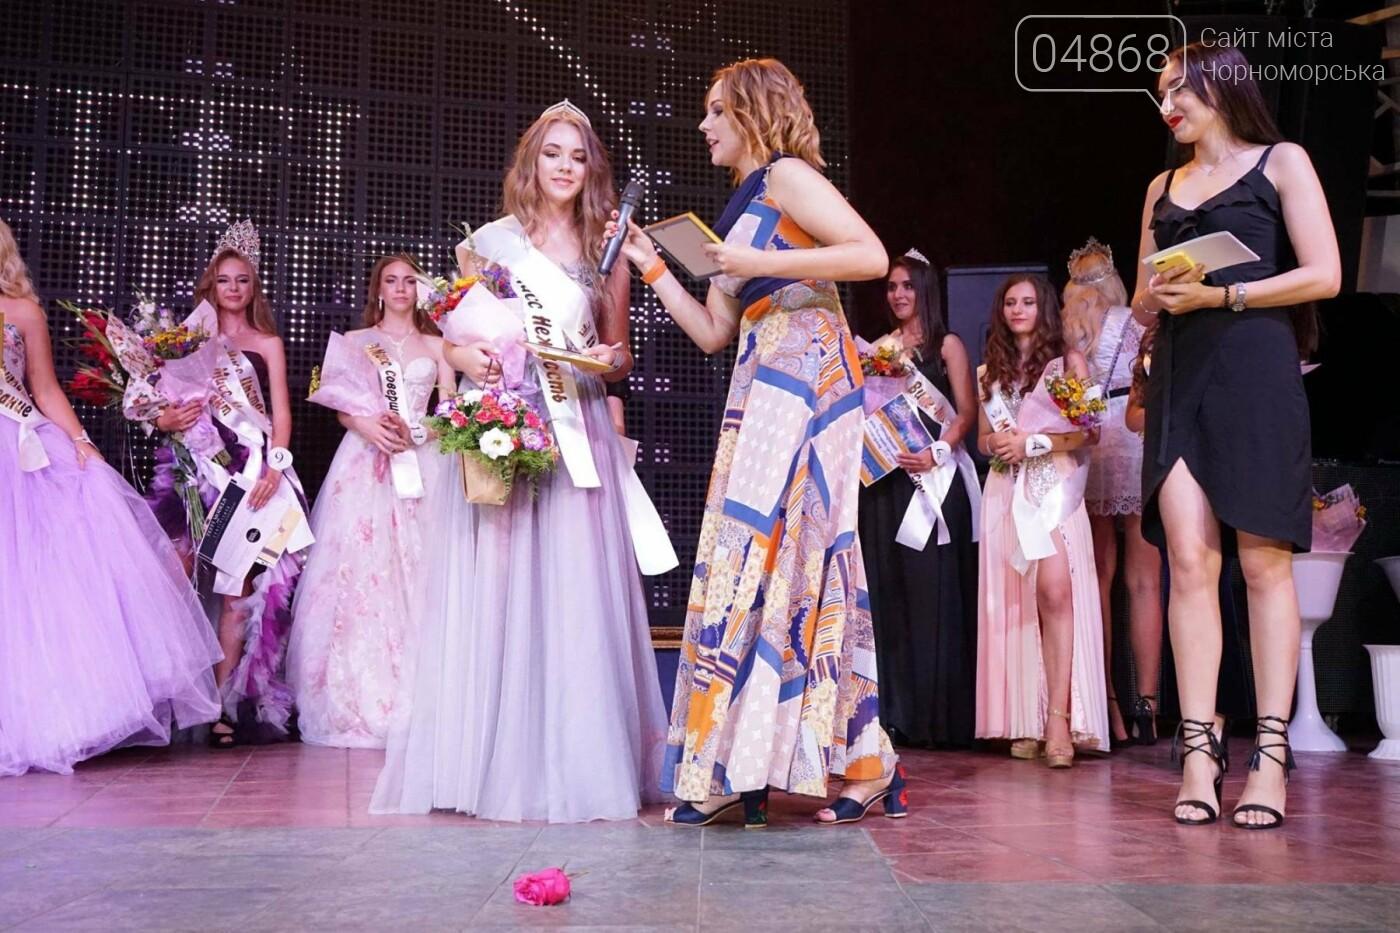 В Черноморске избрана новая Королева красоты, фото-23